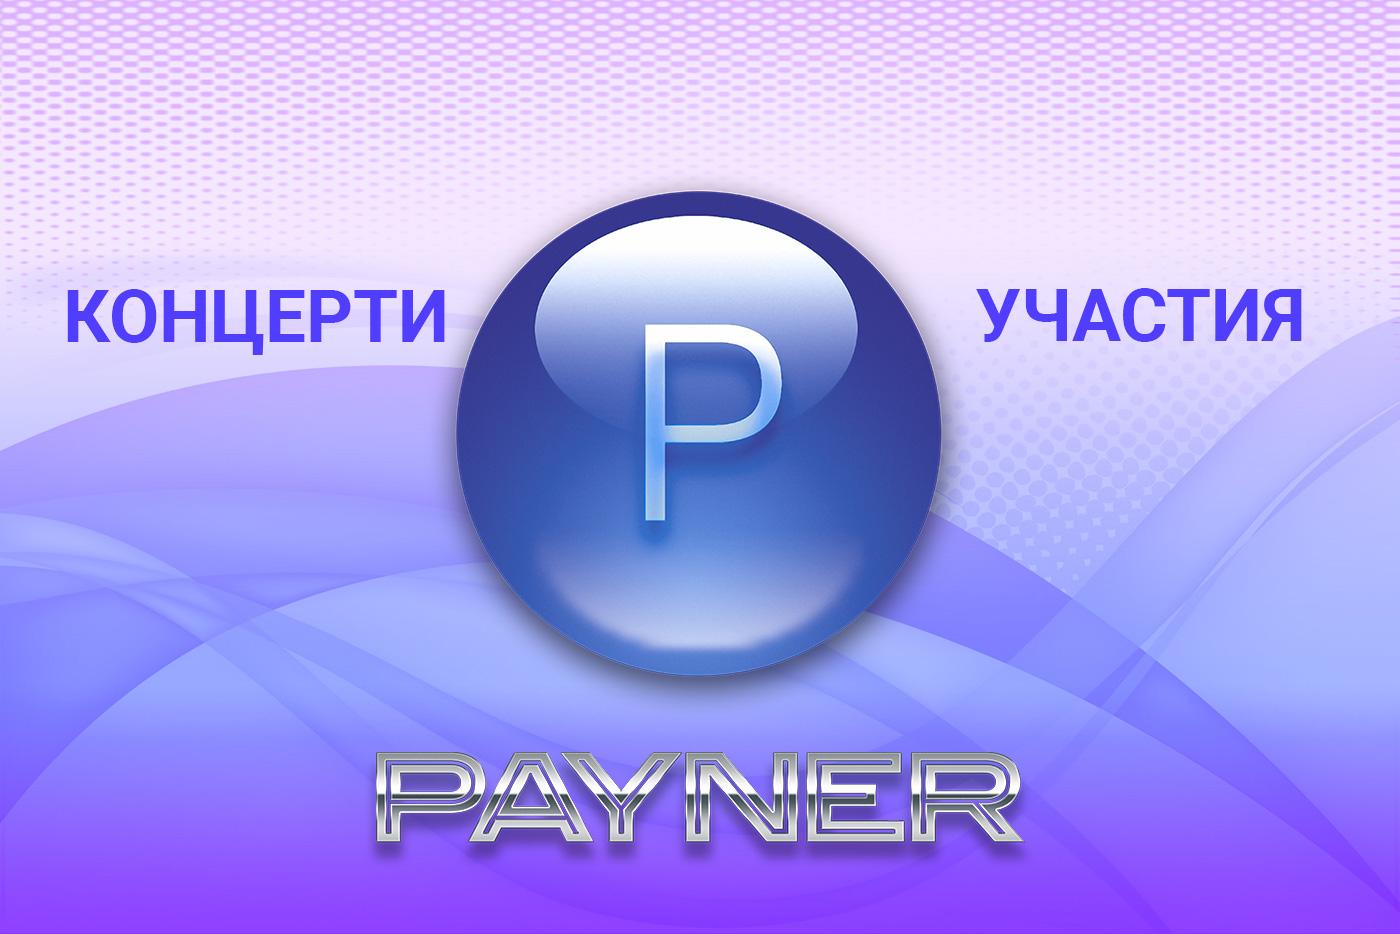 """Участия на звездите на """"Пайнер"""" на 20.02.2019"""